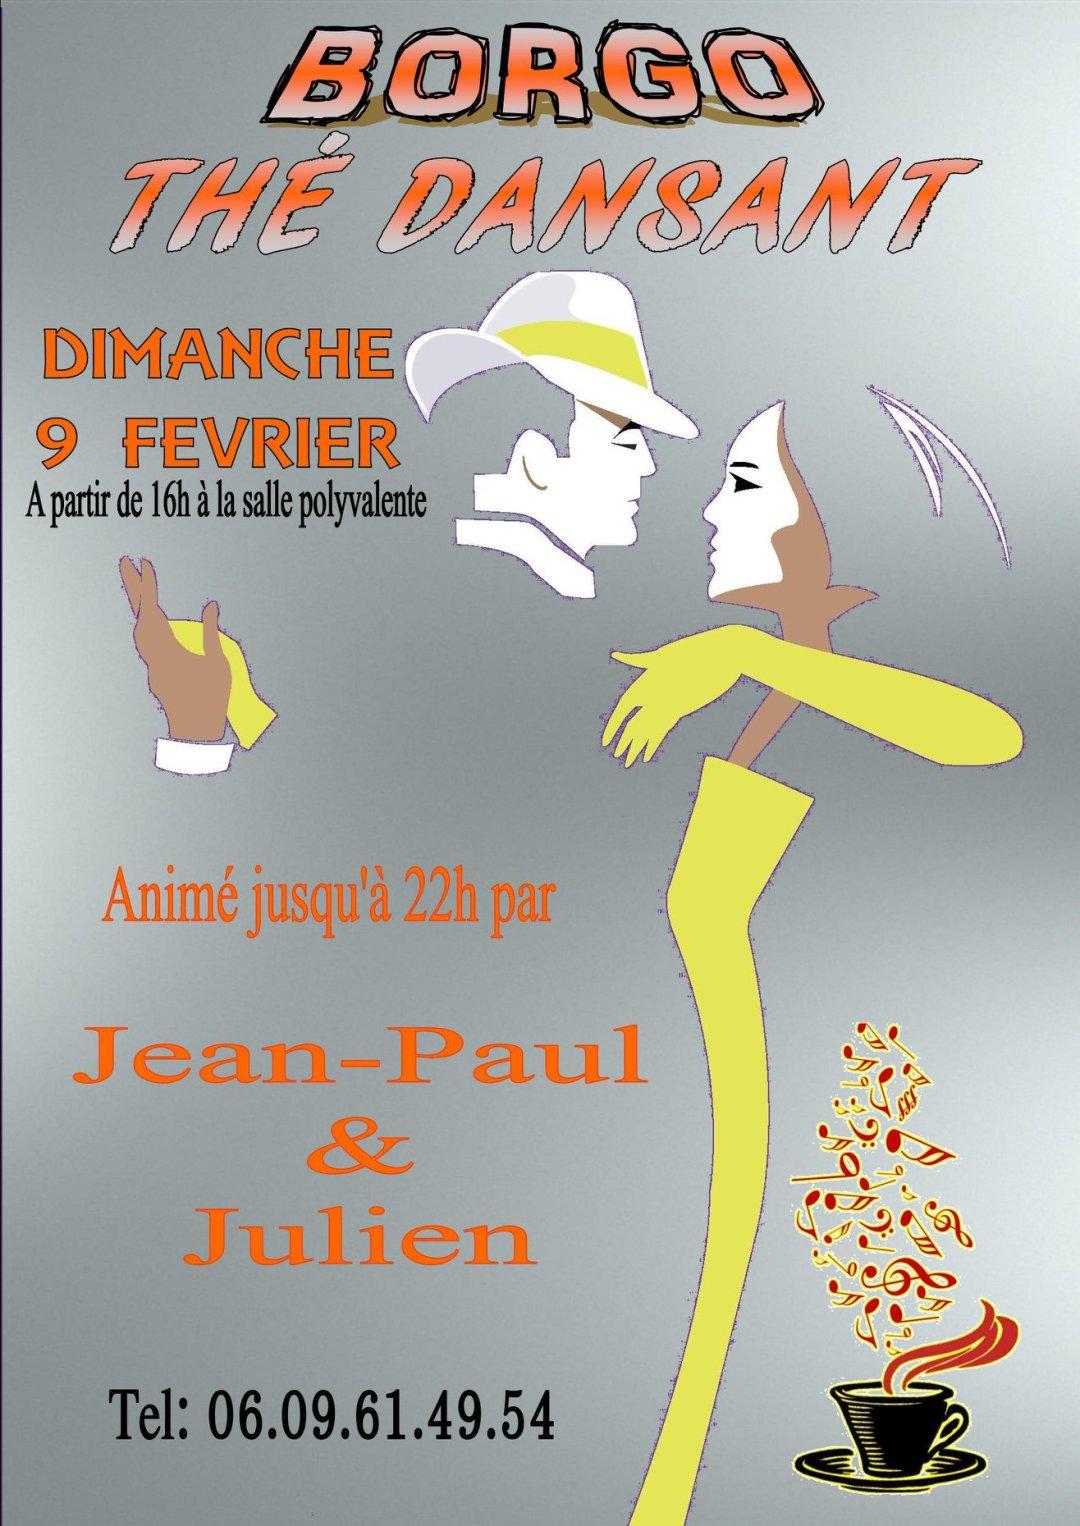 Thé dansant, Dimanche 9 février 2020, Salle polyvalente de Borgo